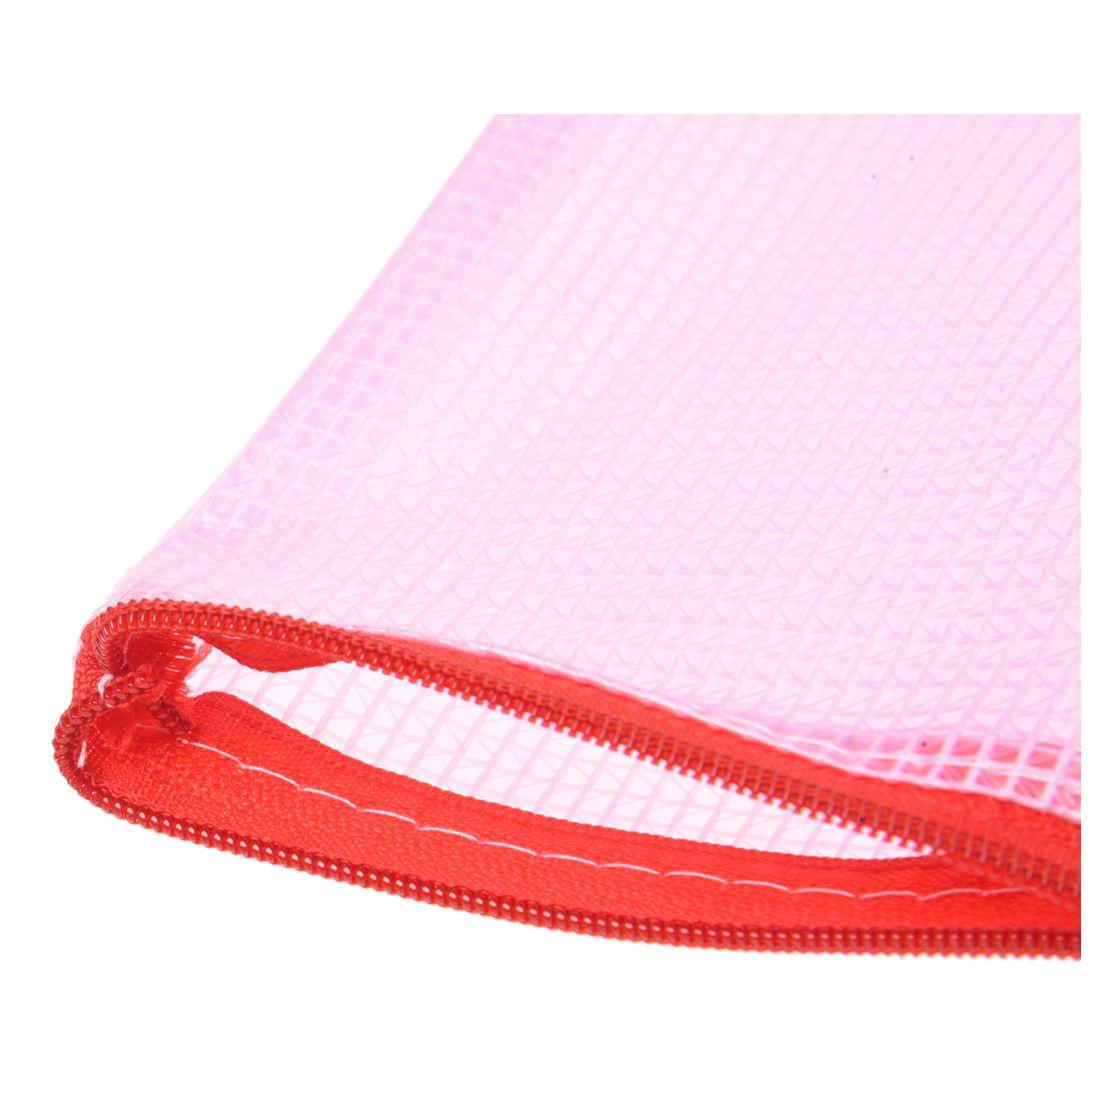 10 pces rede superficie a3 documento titular ziper saco multicolorido 04